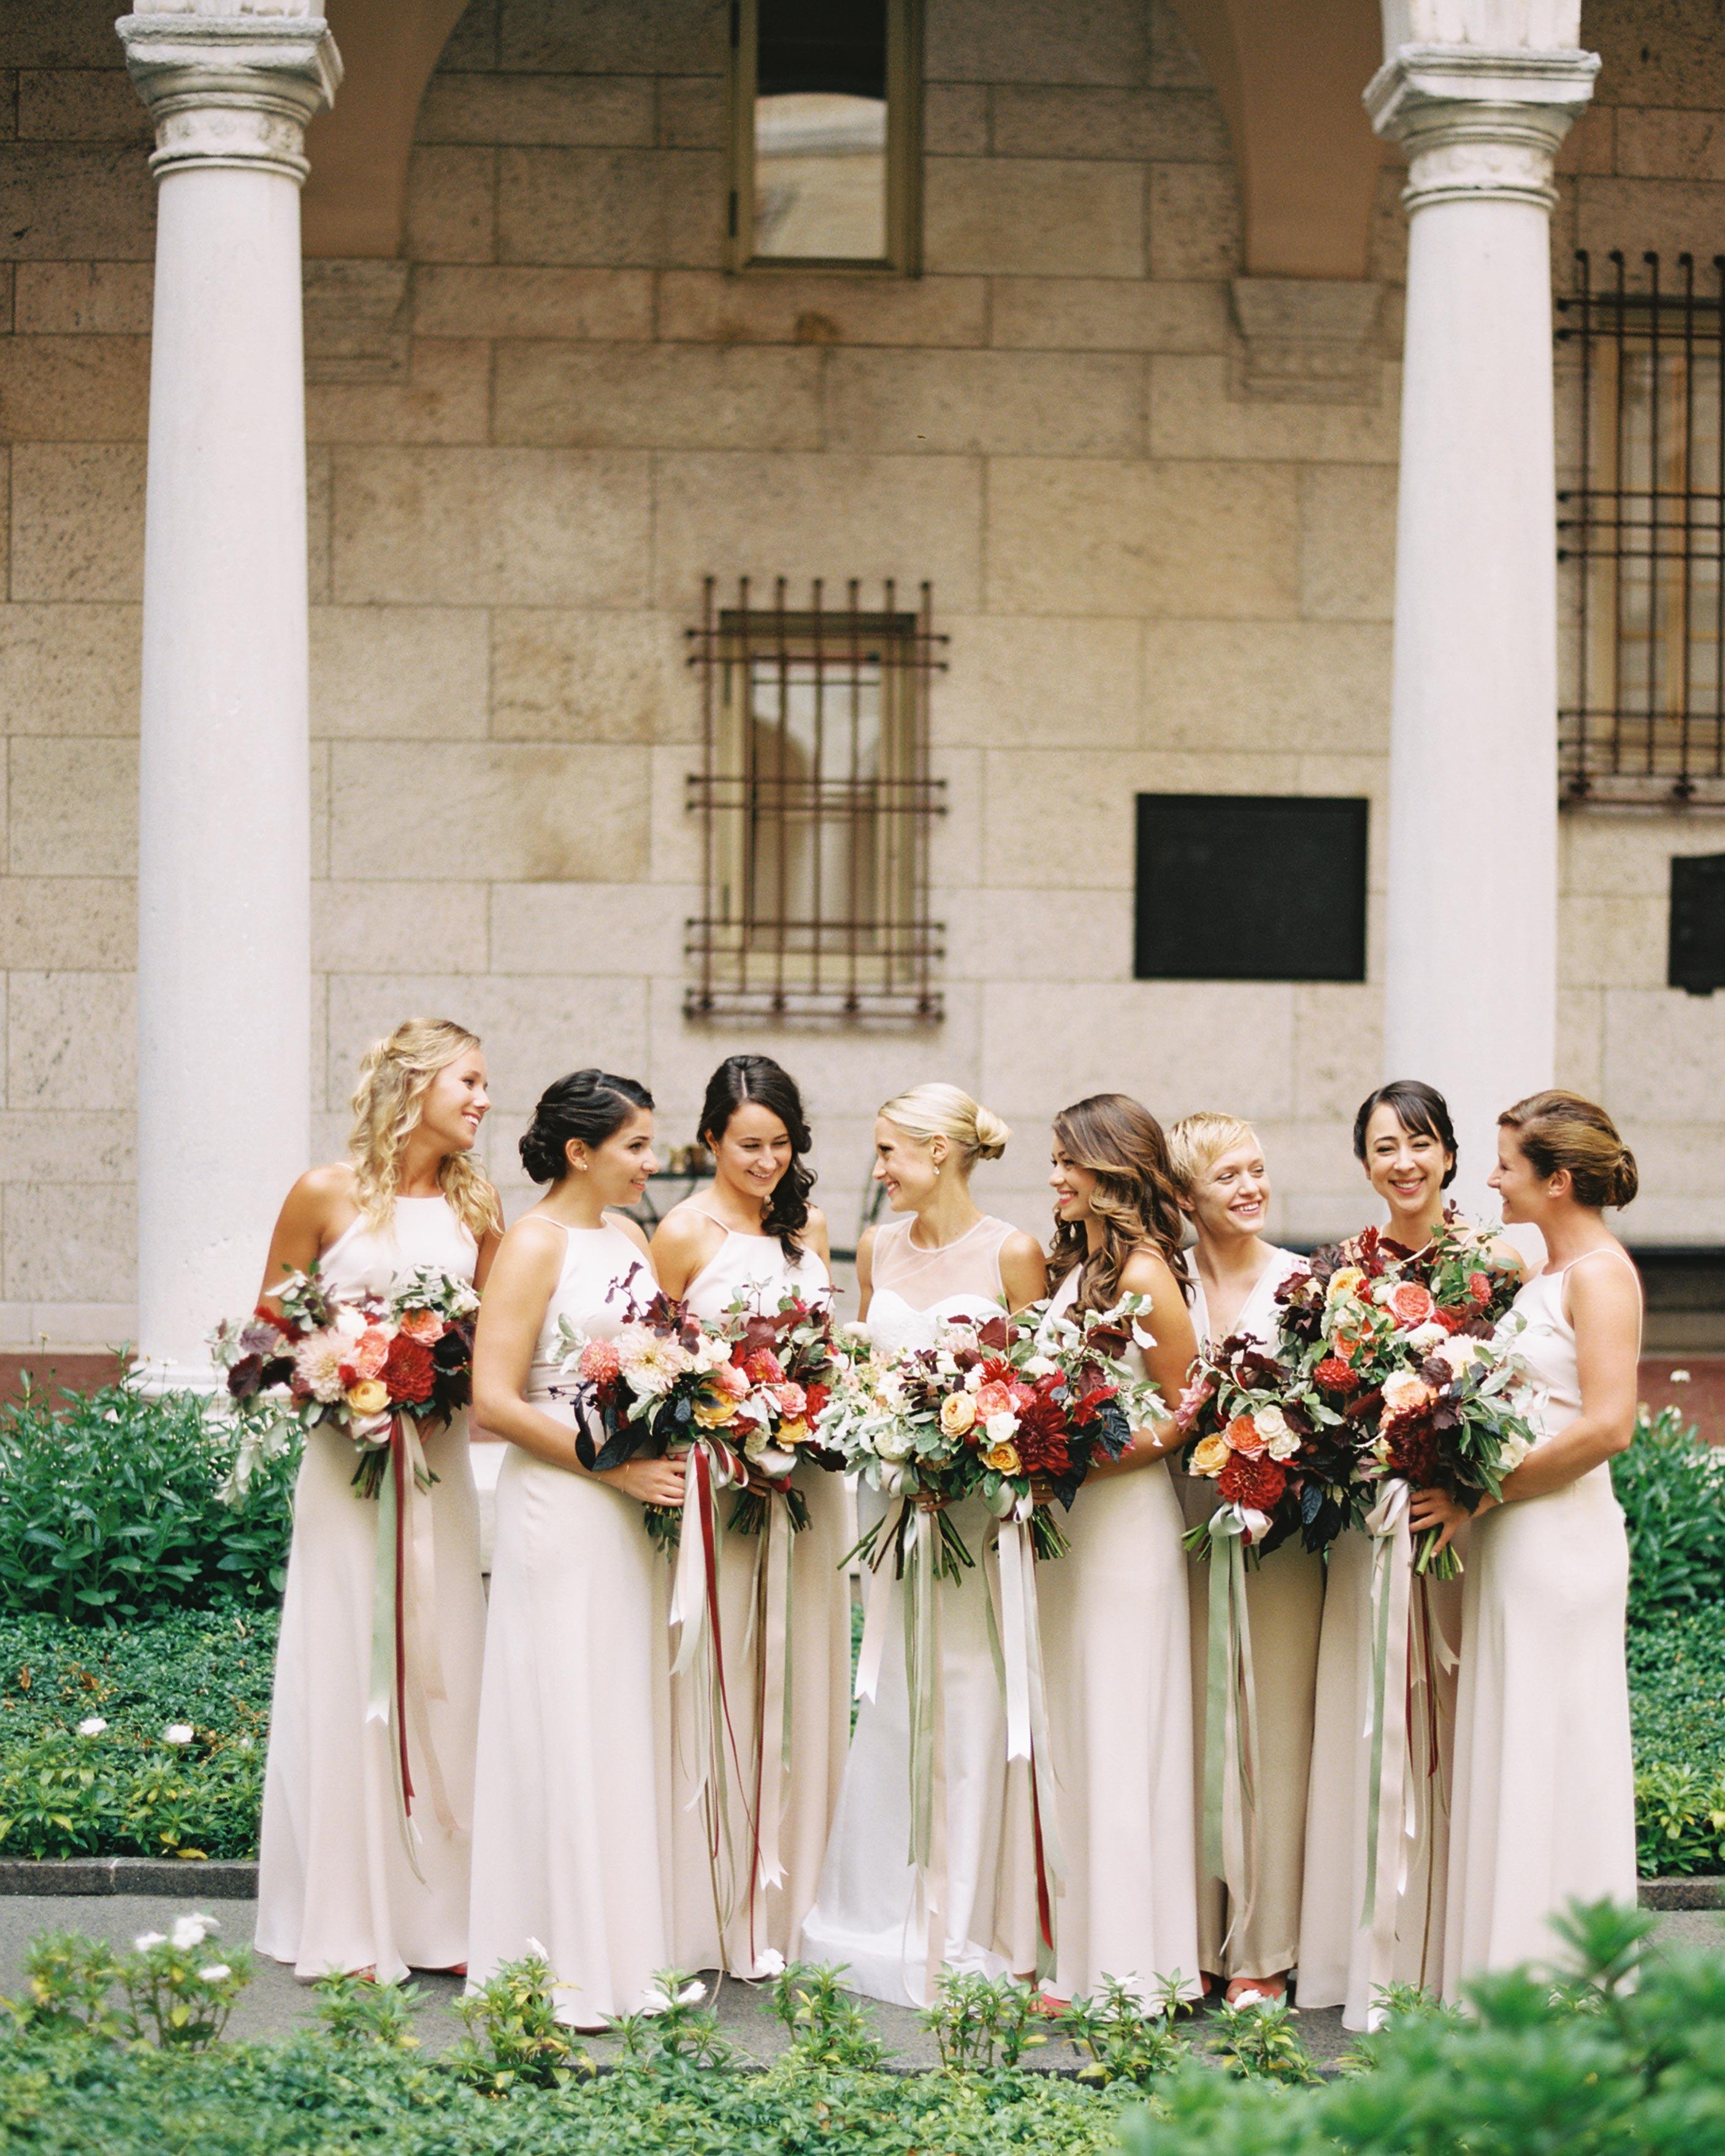 katie-kent-wedding-bridesmaids-407-s112765-0316.jpg